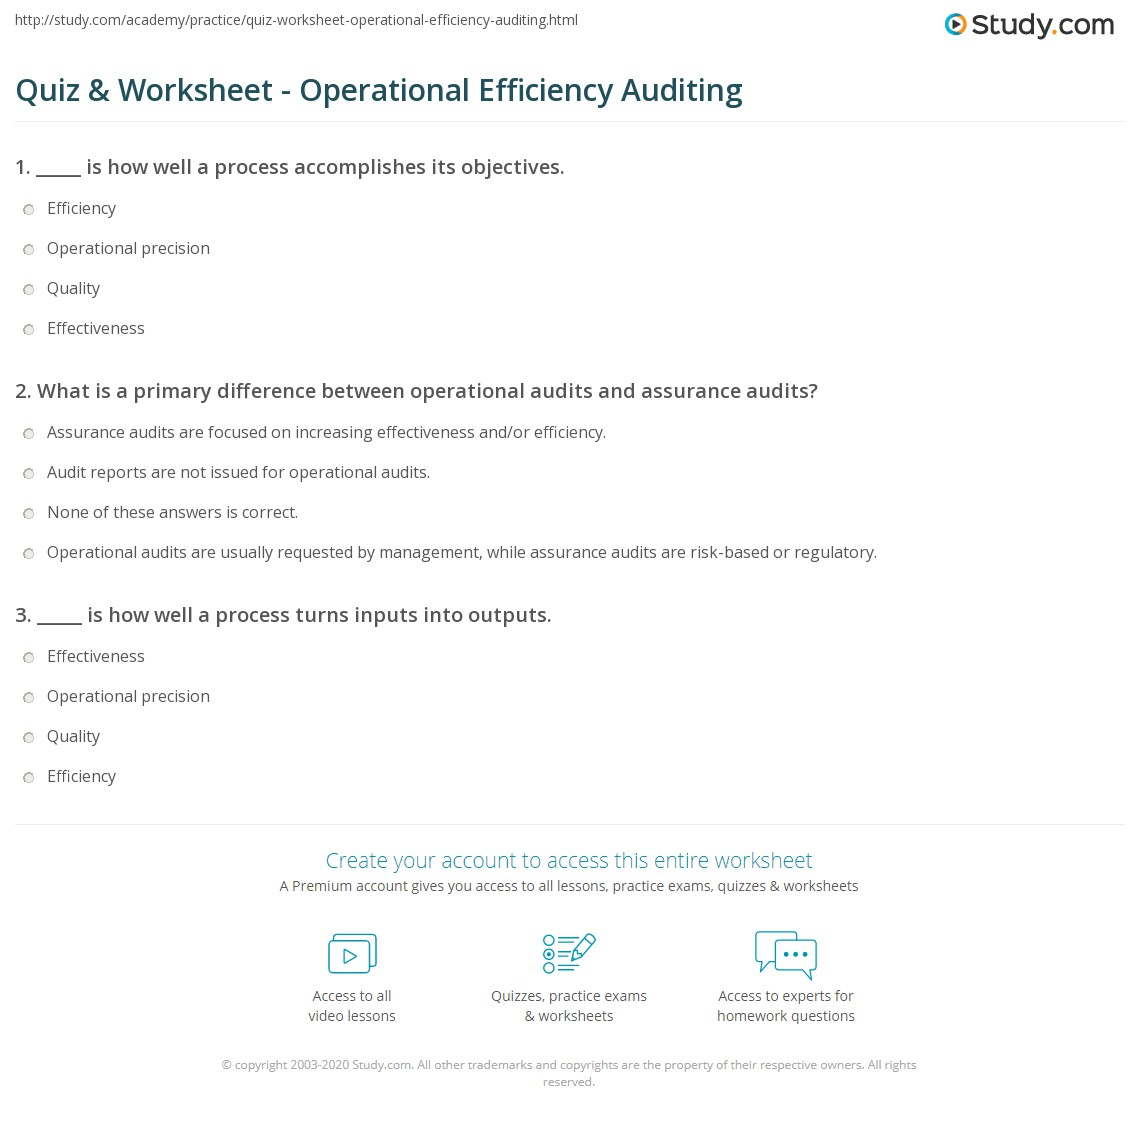 Quiz & Worksheet - Operational Efficiency Auditing